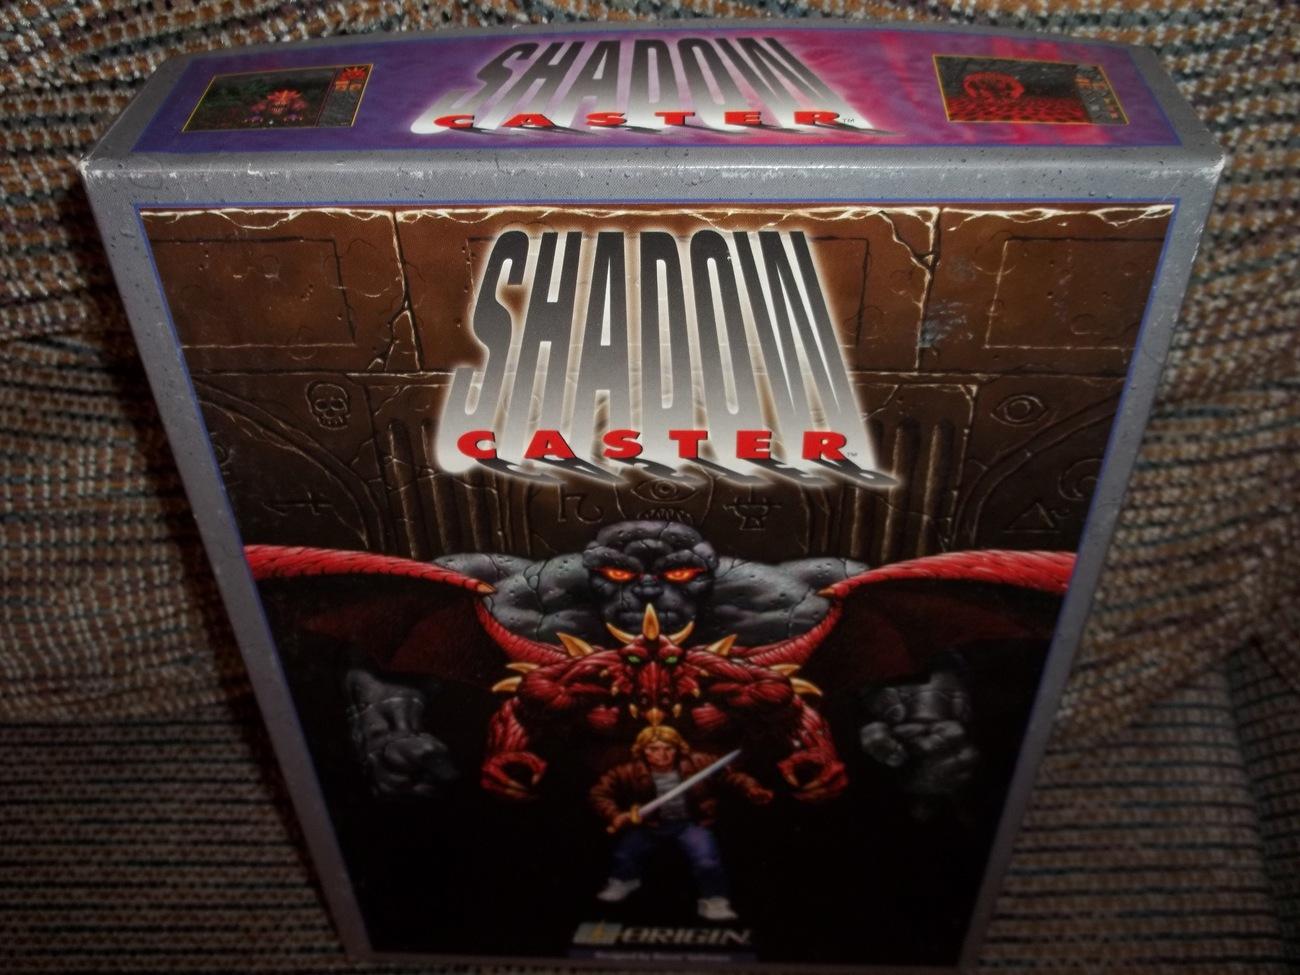 Origin Shadow Caster for PC 3.5